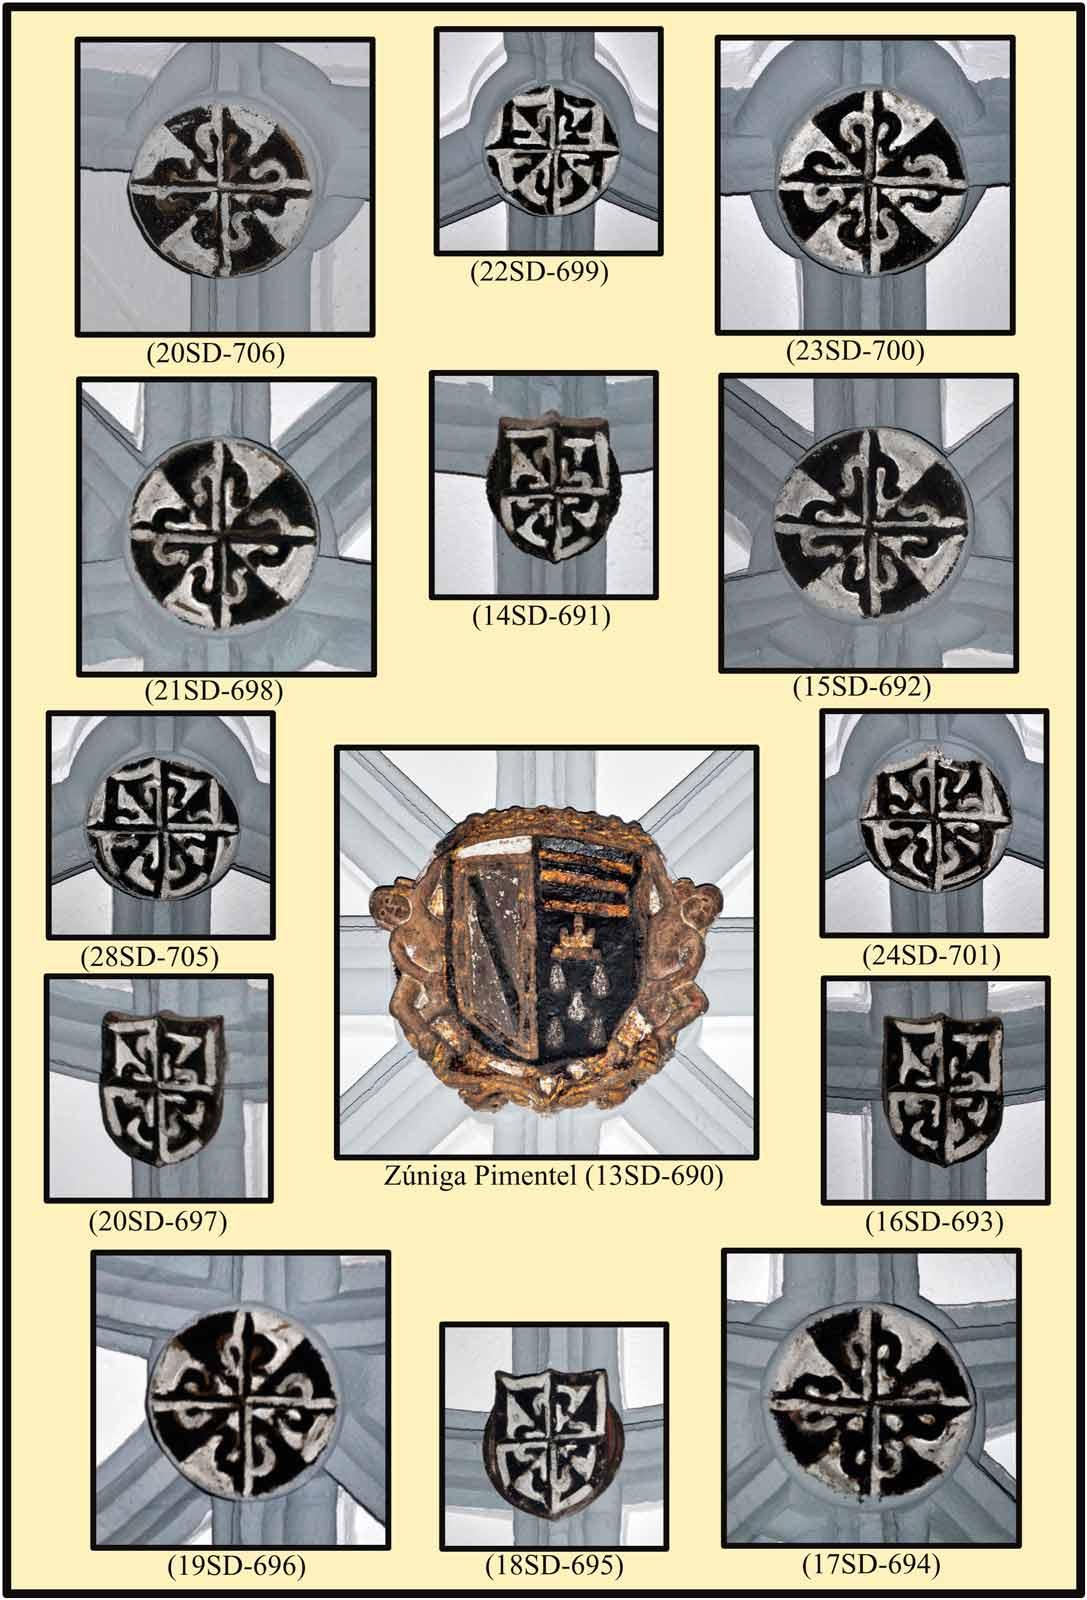 Escudos de la boveda del coro bajo Predicadores Zuñiga Pimentel